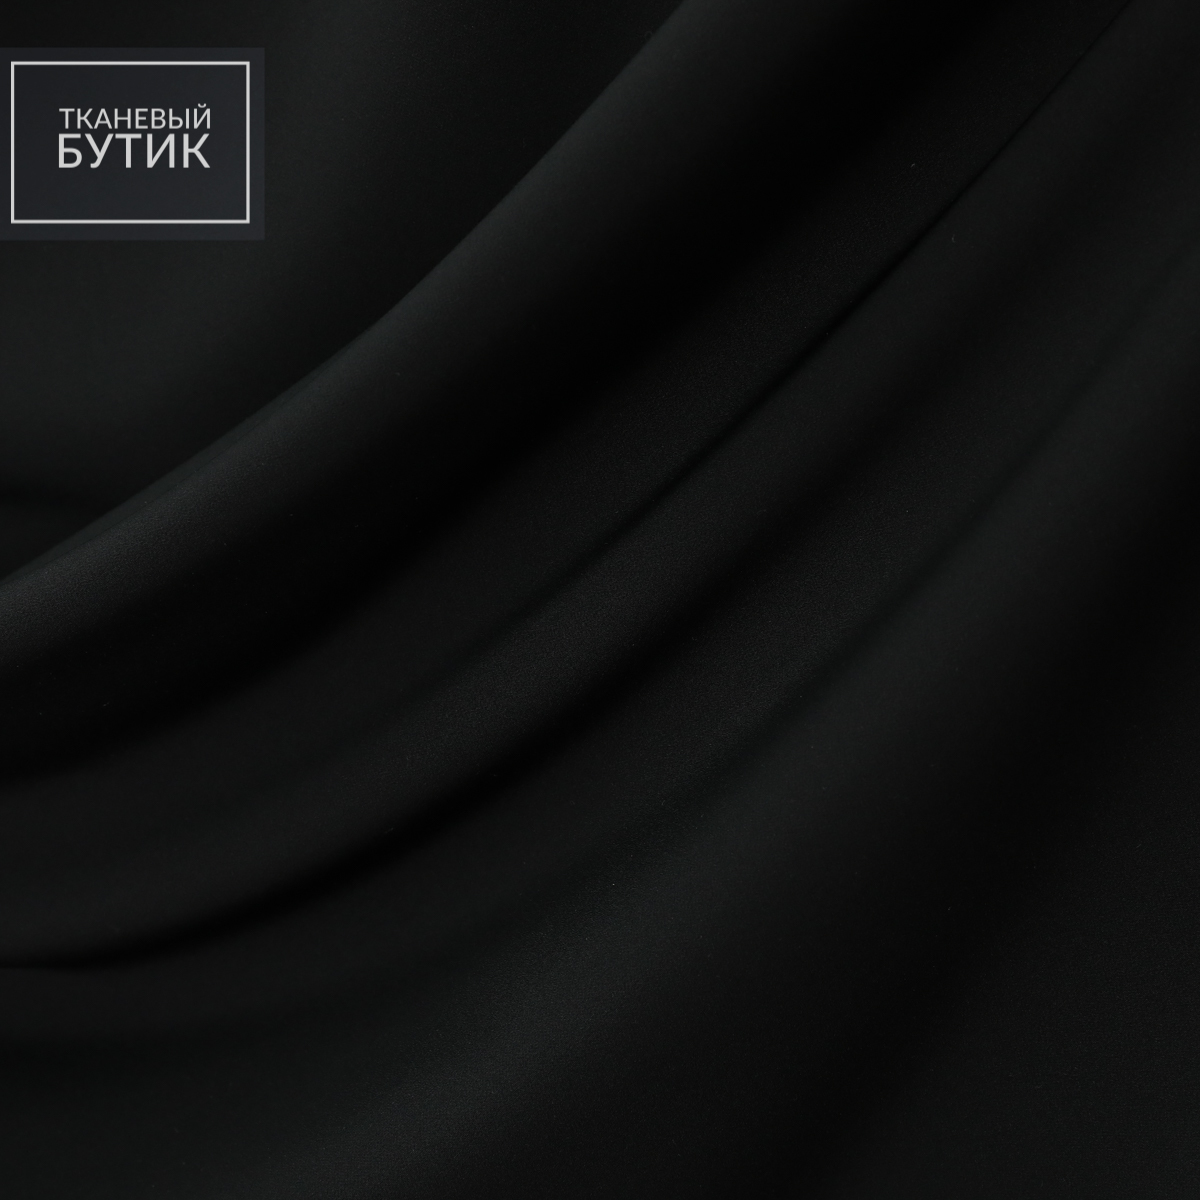 Креп полиэстеровый с эластаном черного цвета